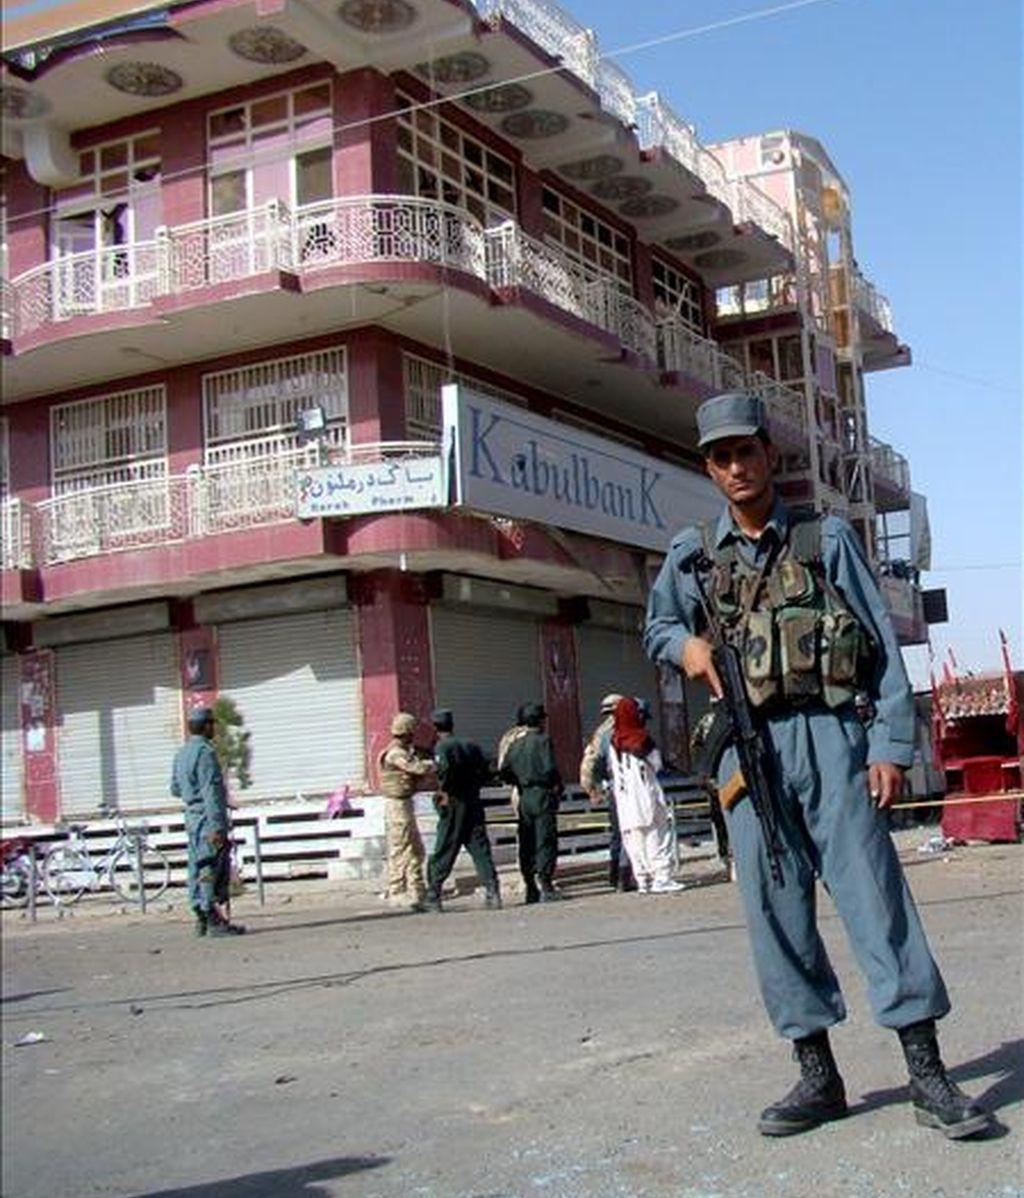 Un soldado afgano hace guardia en el lugar donde se produjo una explosión en Lashkar Gah, provincia de Helmand (Afganistán) el pasado mes de junio. EFE/Archivo